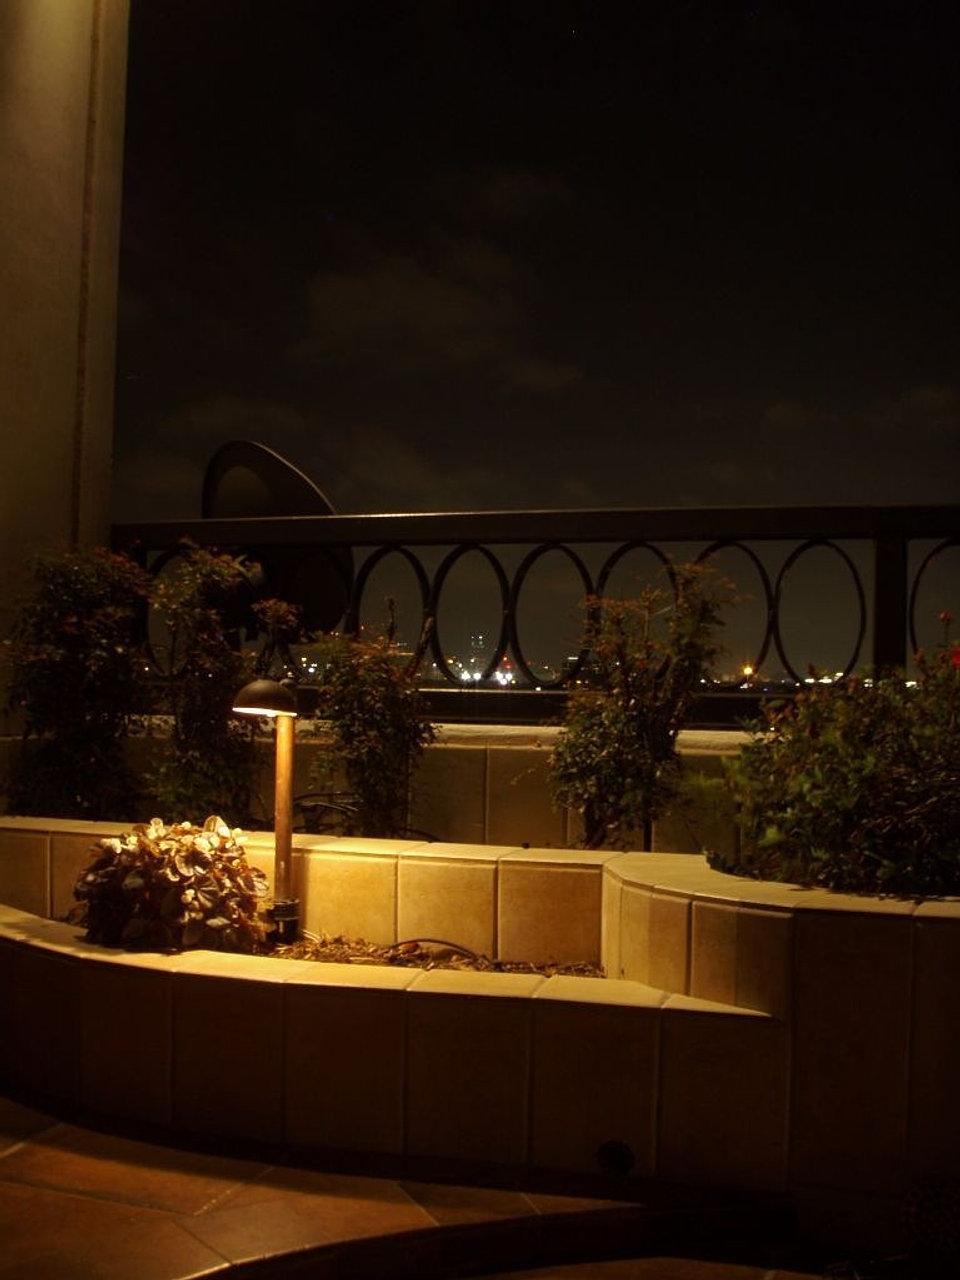 Lux Outdoor Lighting| Landscape Lighting